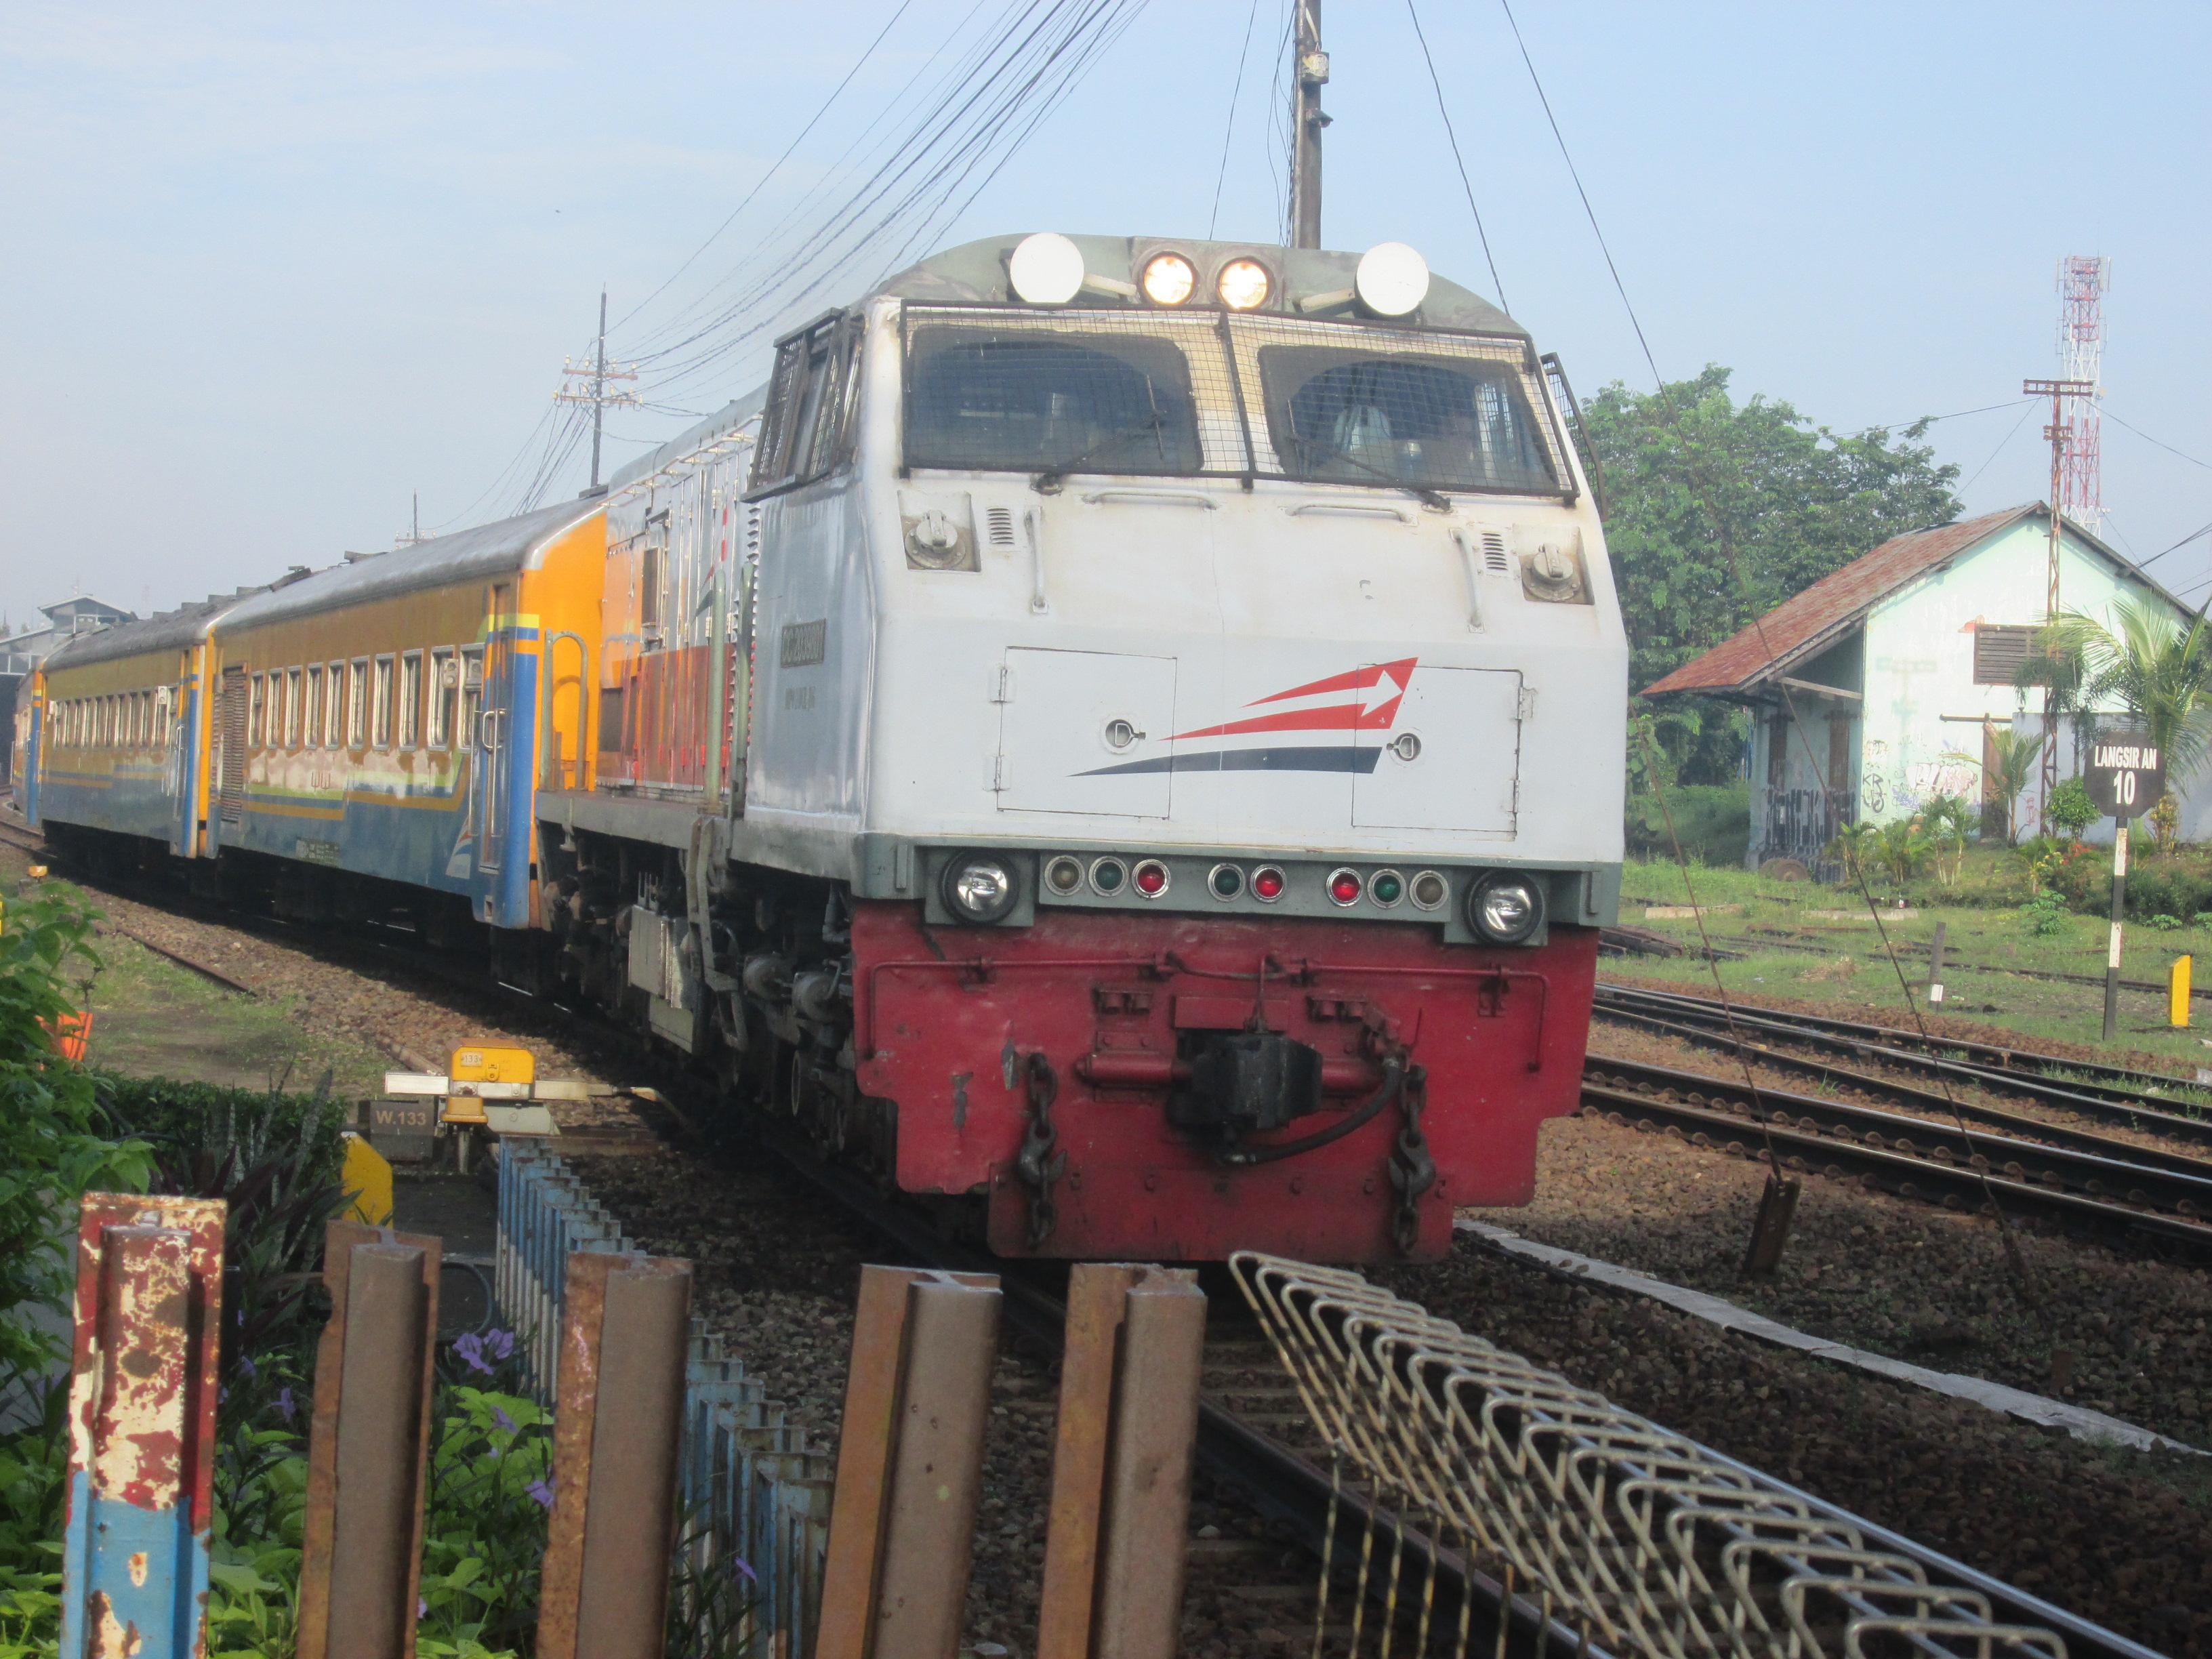 File:CC 203 98 01 Sri Tanjung.JPG.